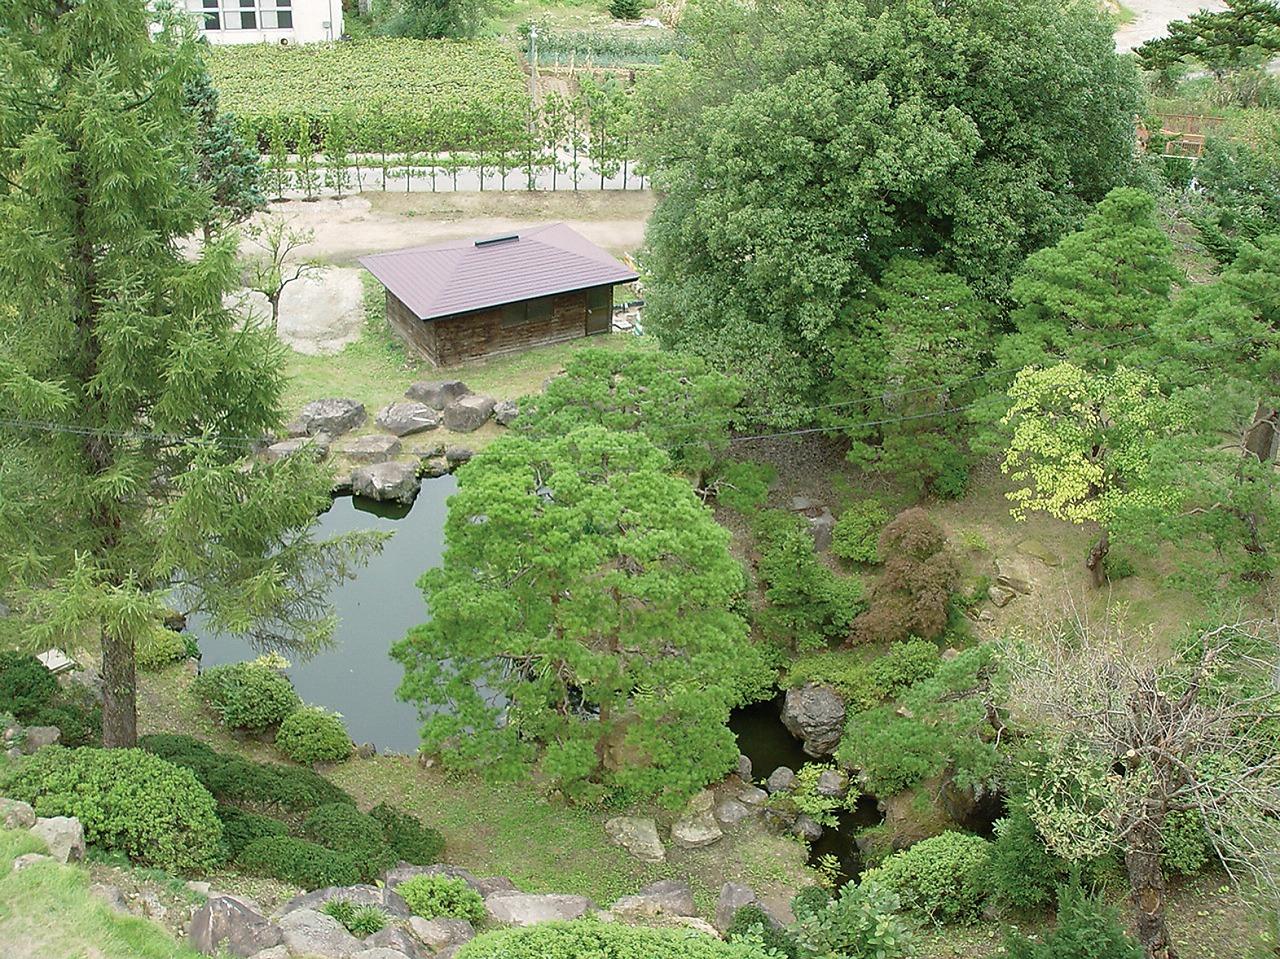 ヒルサイド羽黒庭園